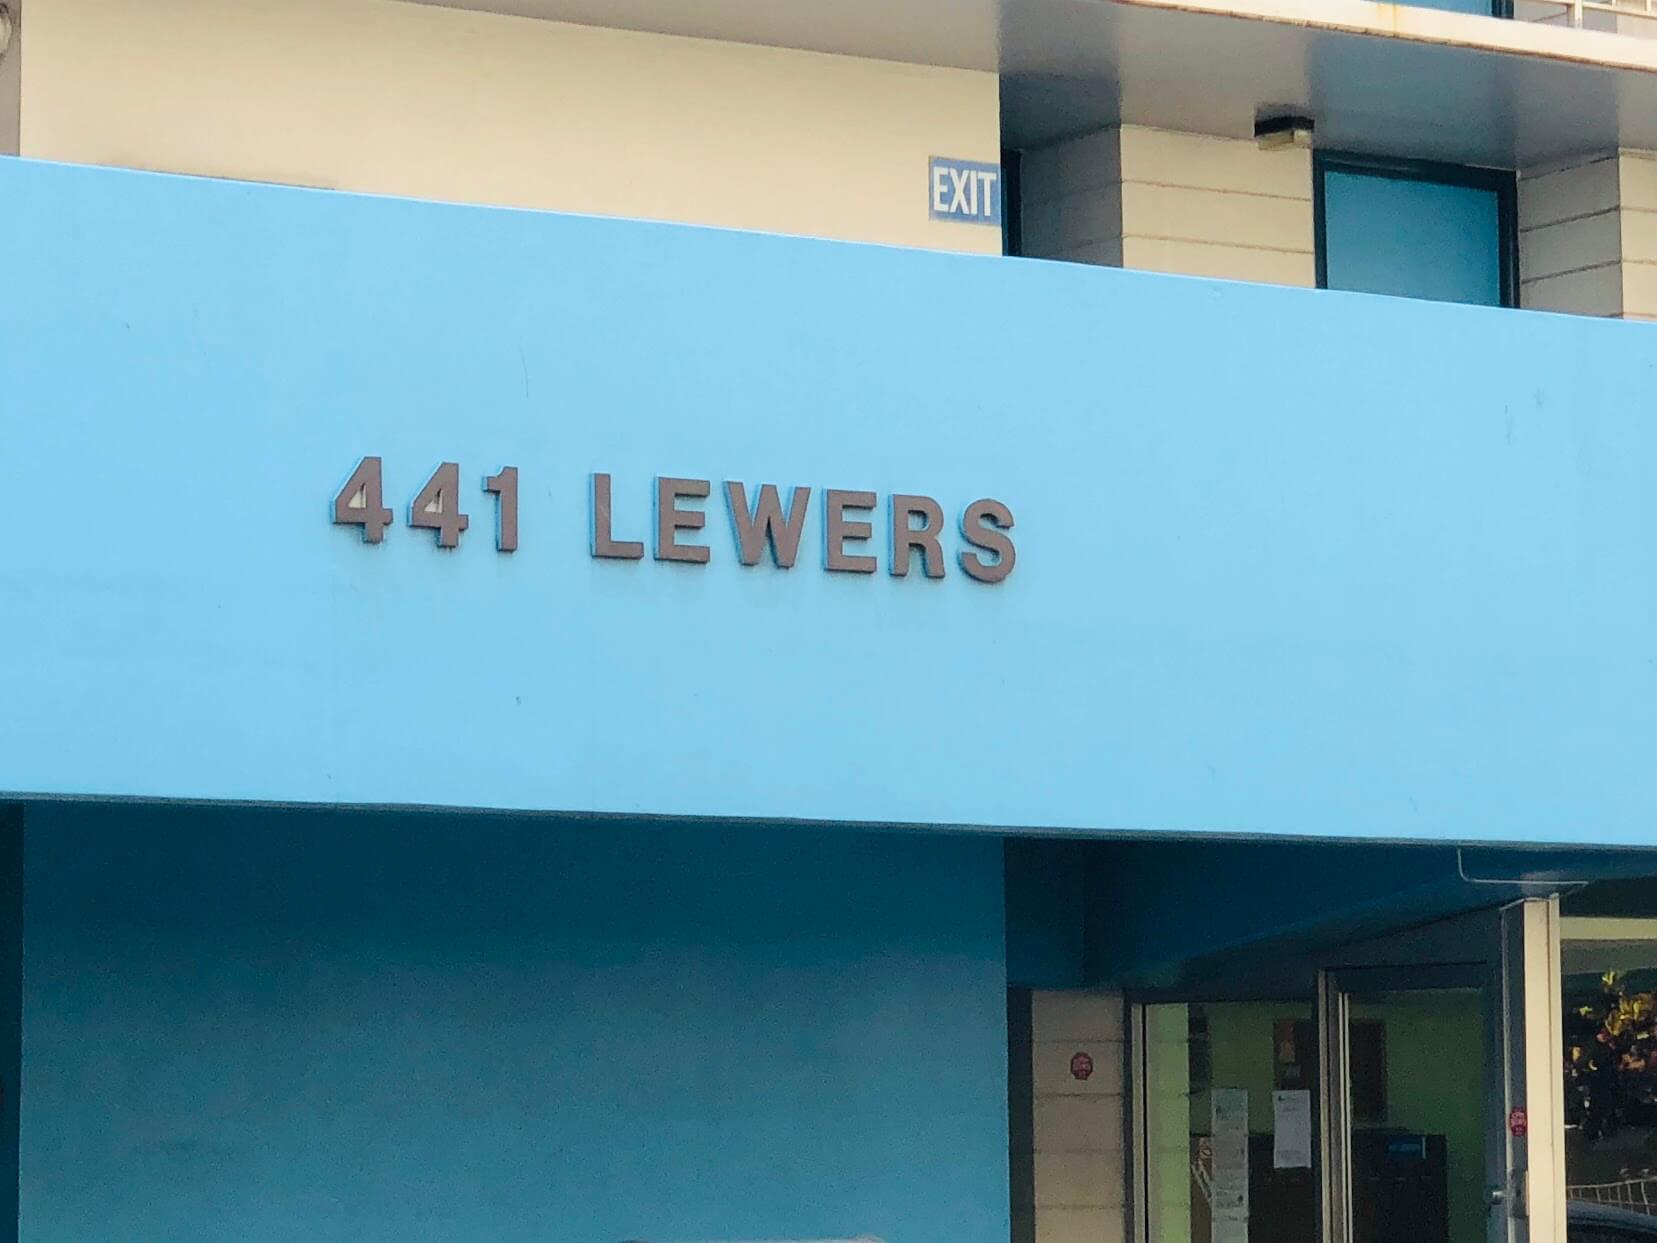 441 Lewersの看板